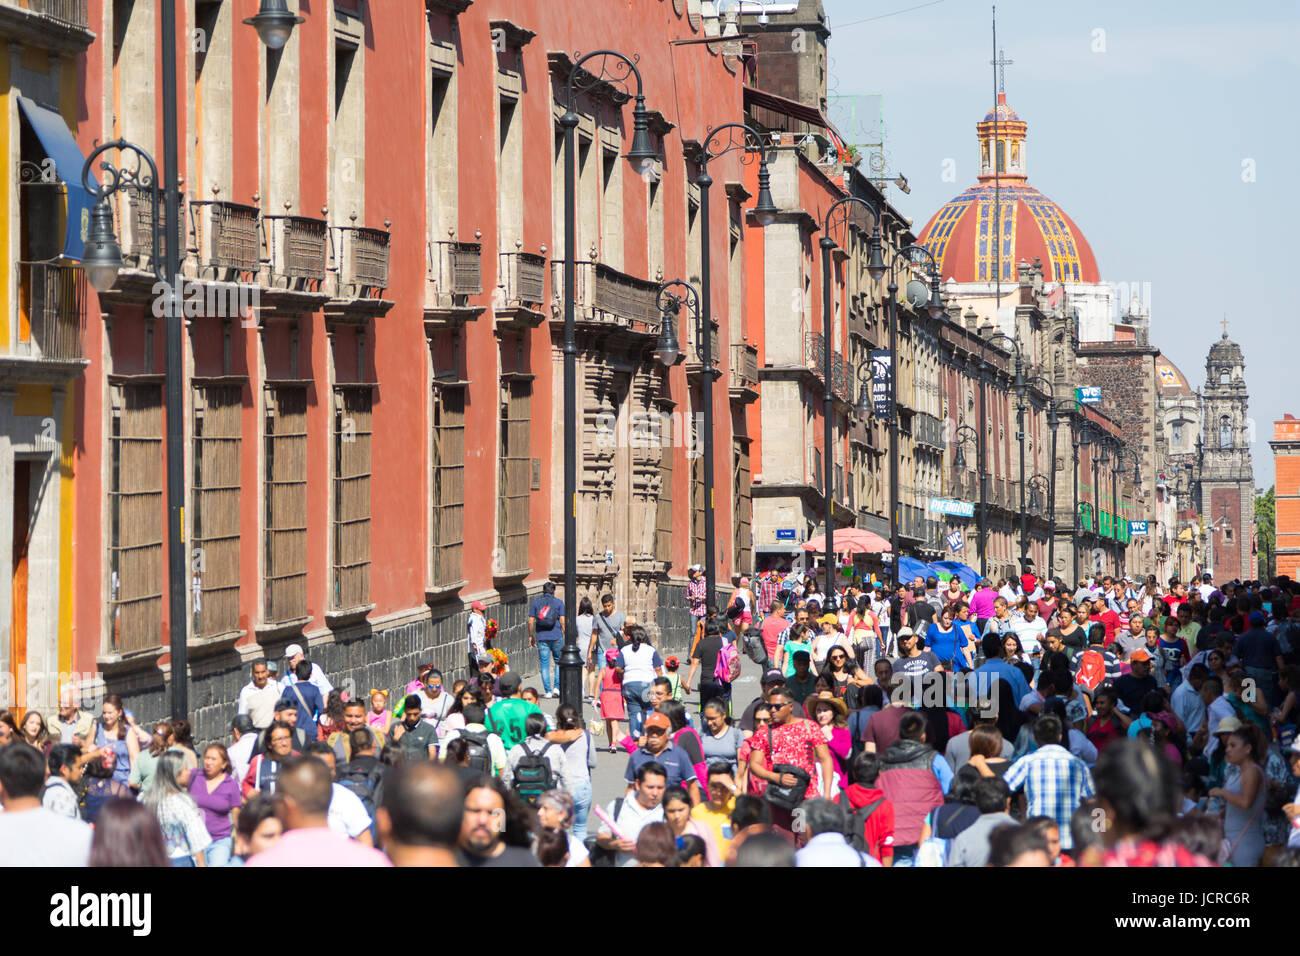 Busy pedestrian artery from the Zocalo, Mexico City, Mexico - Stock Image